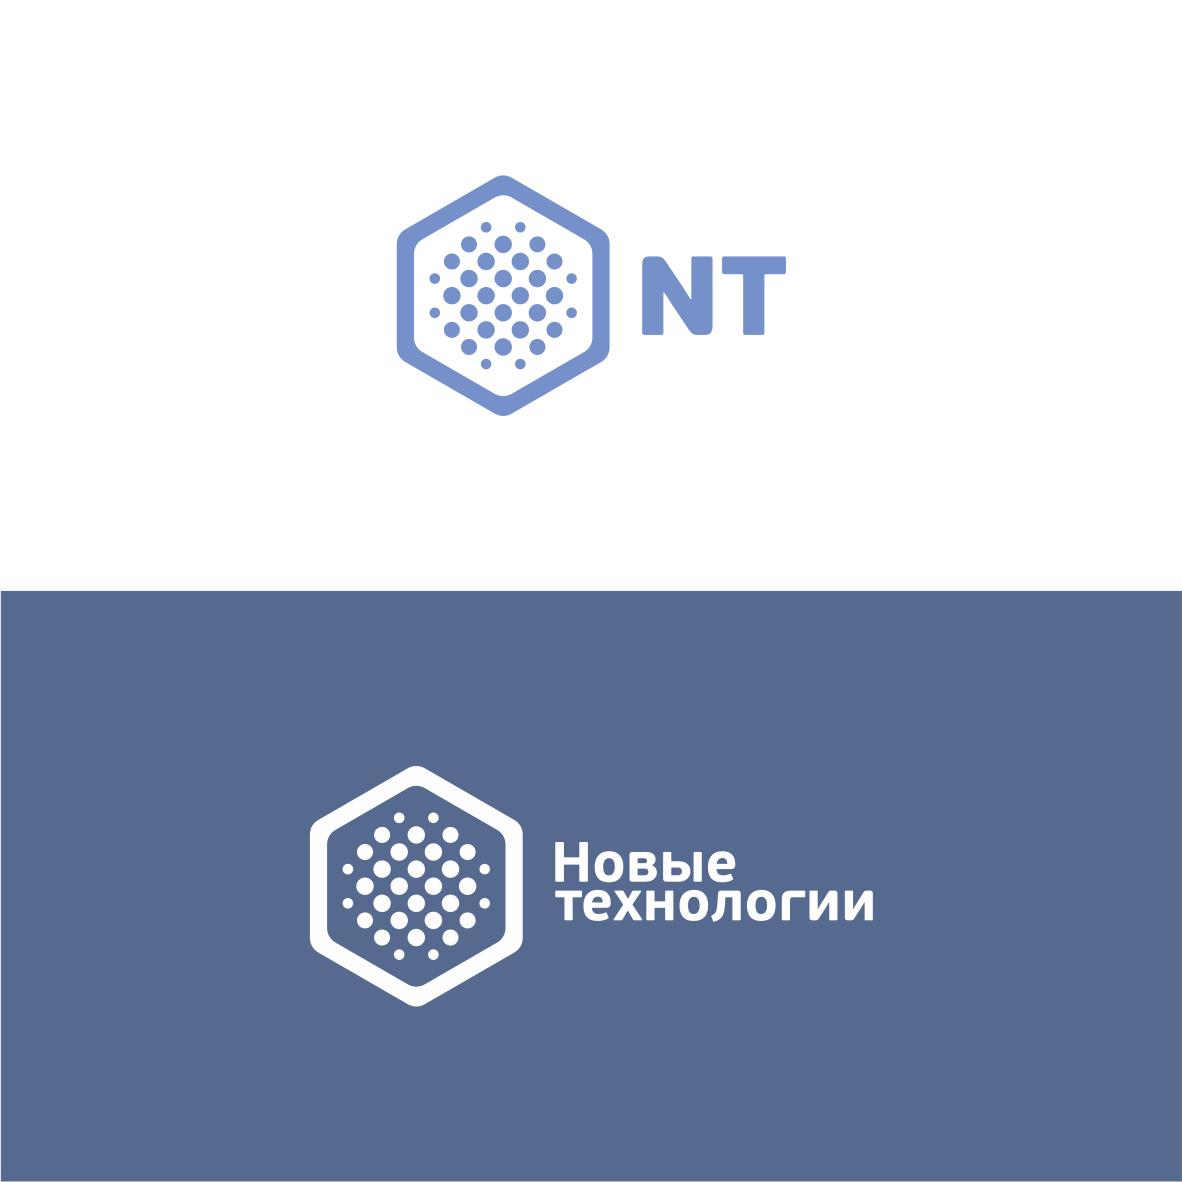 Разработка логотипа и фирменного стиля фото f_3275e6f70233cf8c.png